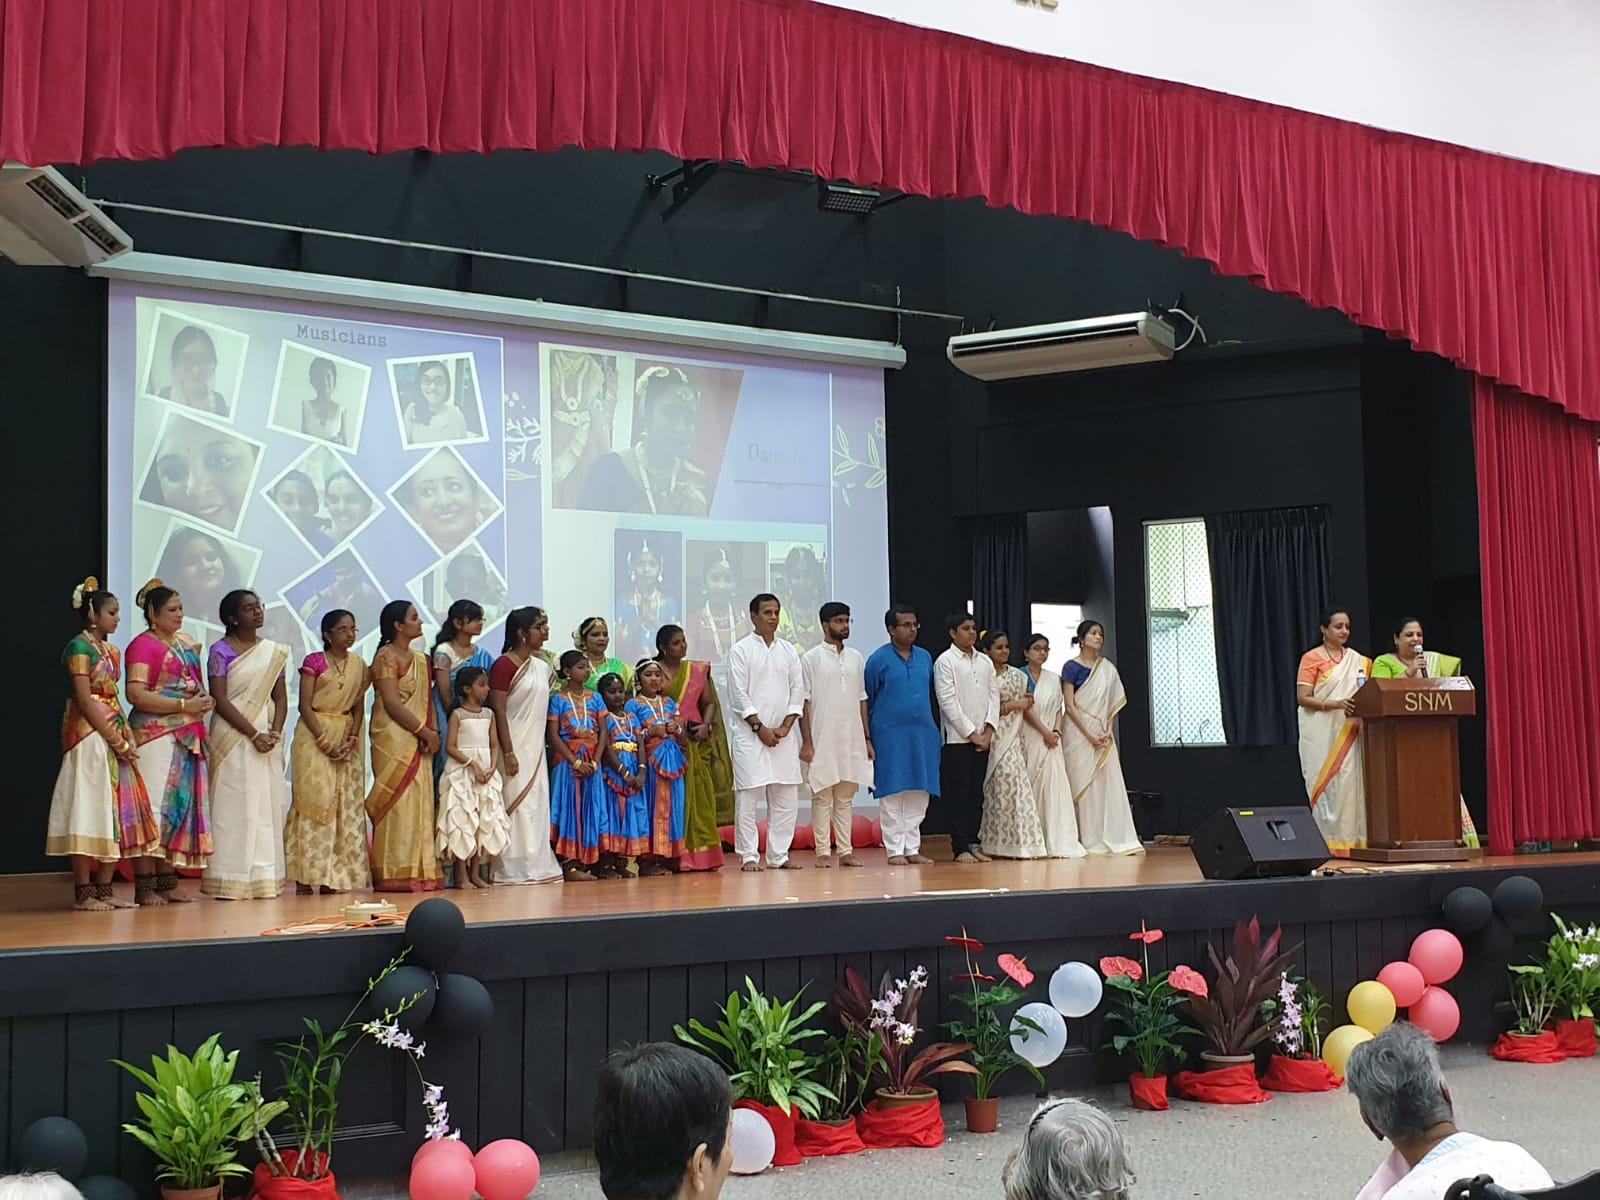 Soundara Nayaki Vairavan and Swarna Kalyan with the participants at Sree Narayana Mission,  Singapore. Photo courtesy: Soundara Nayaki Vairavan